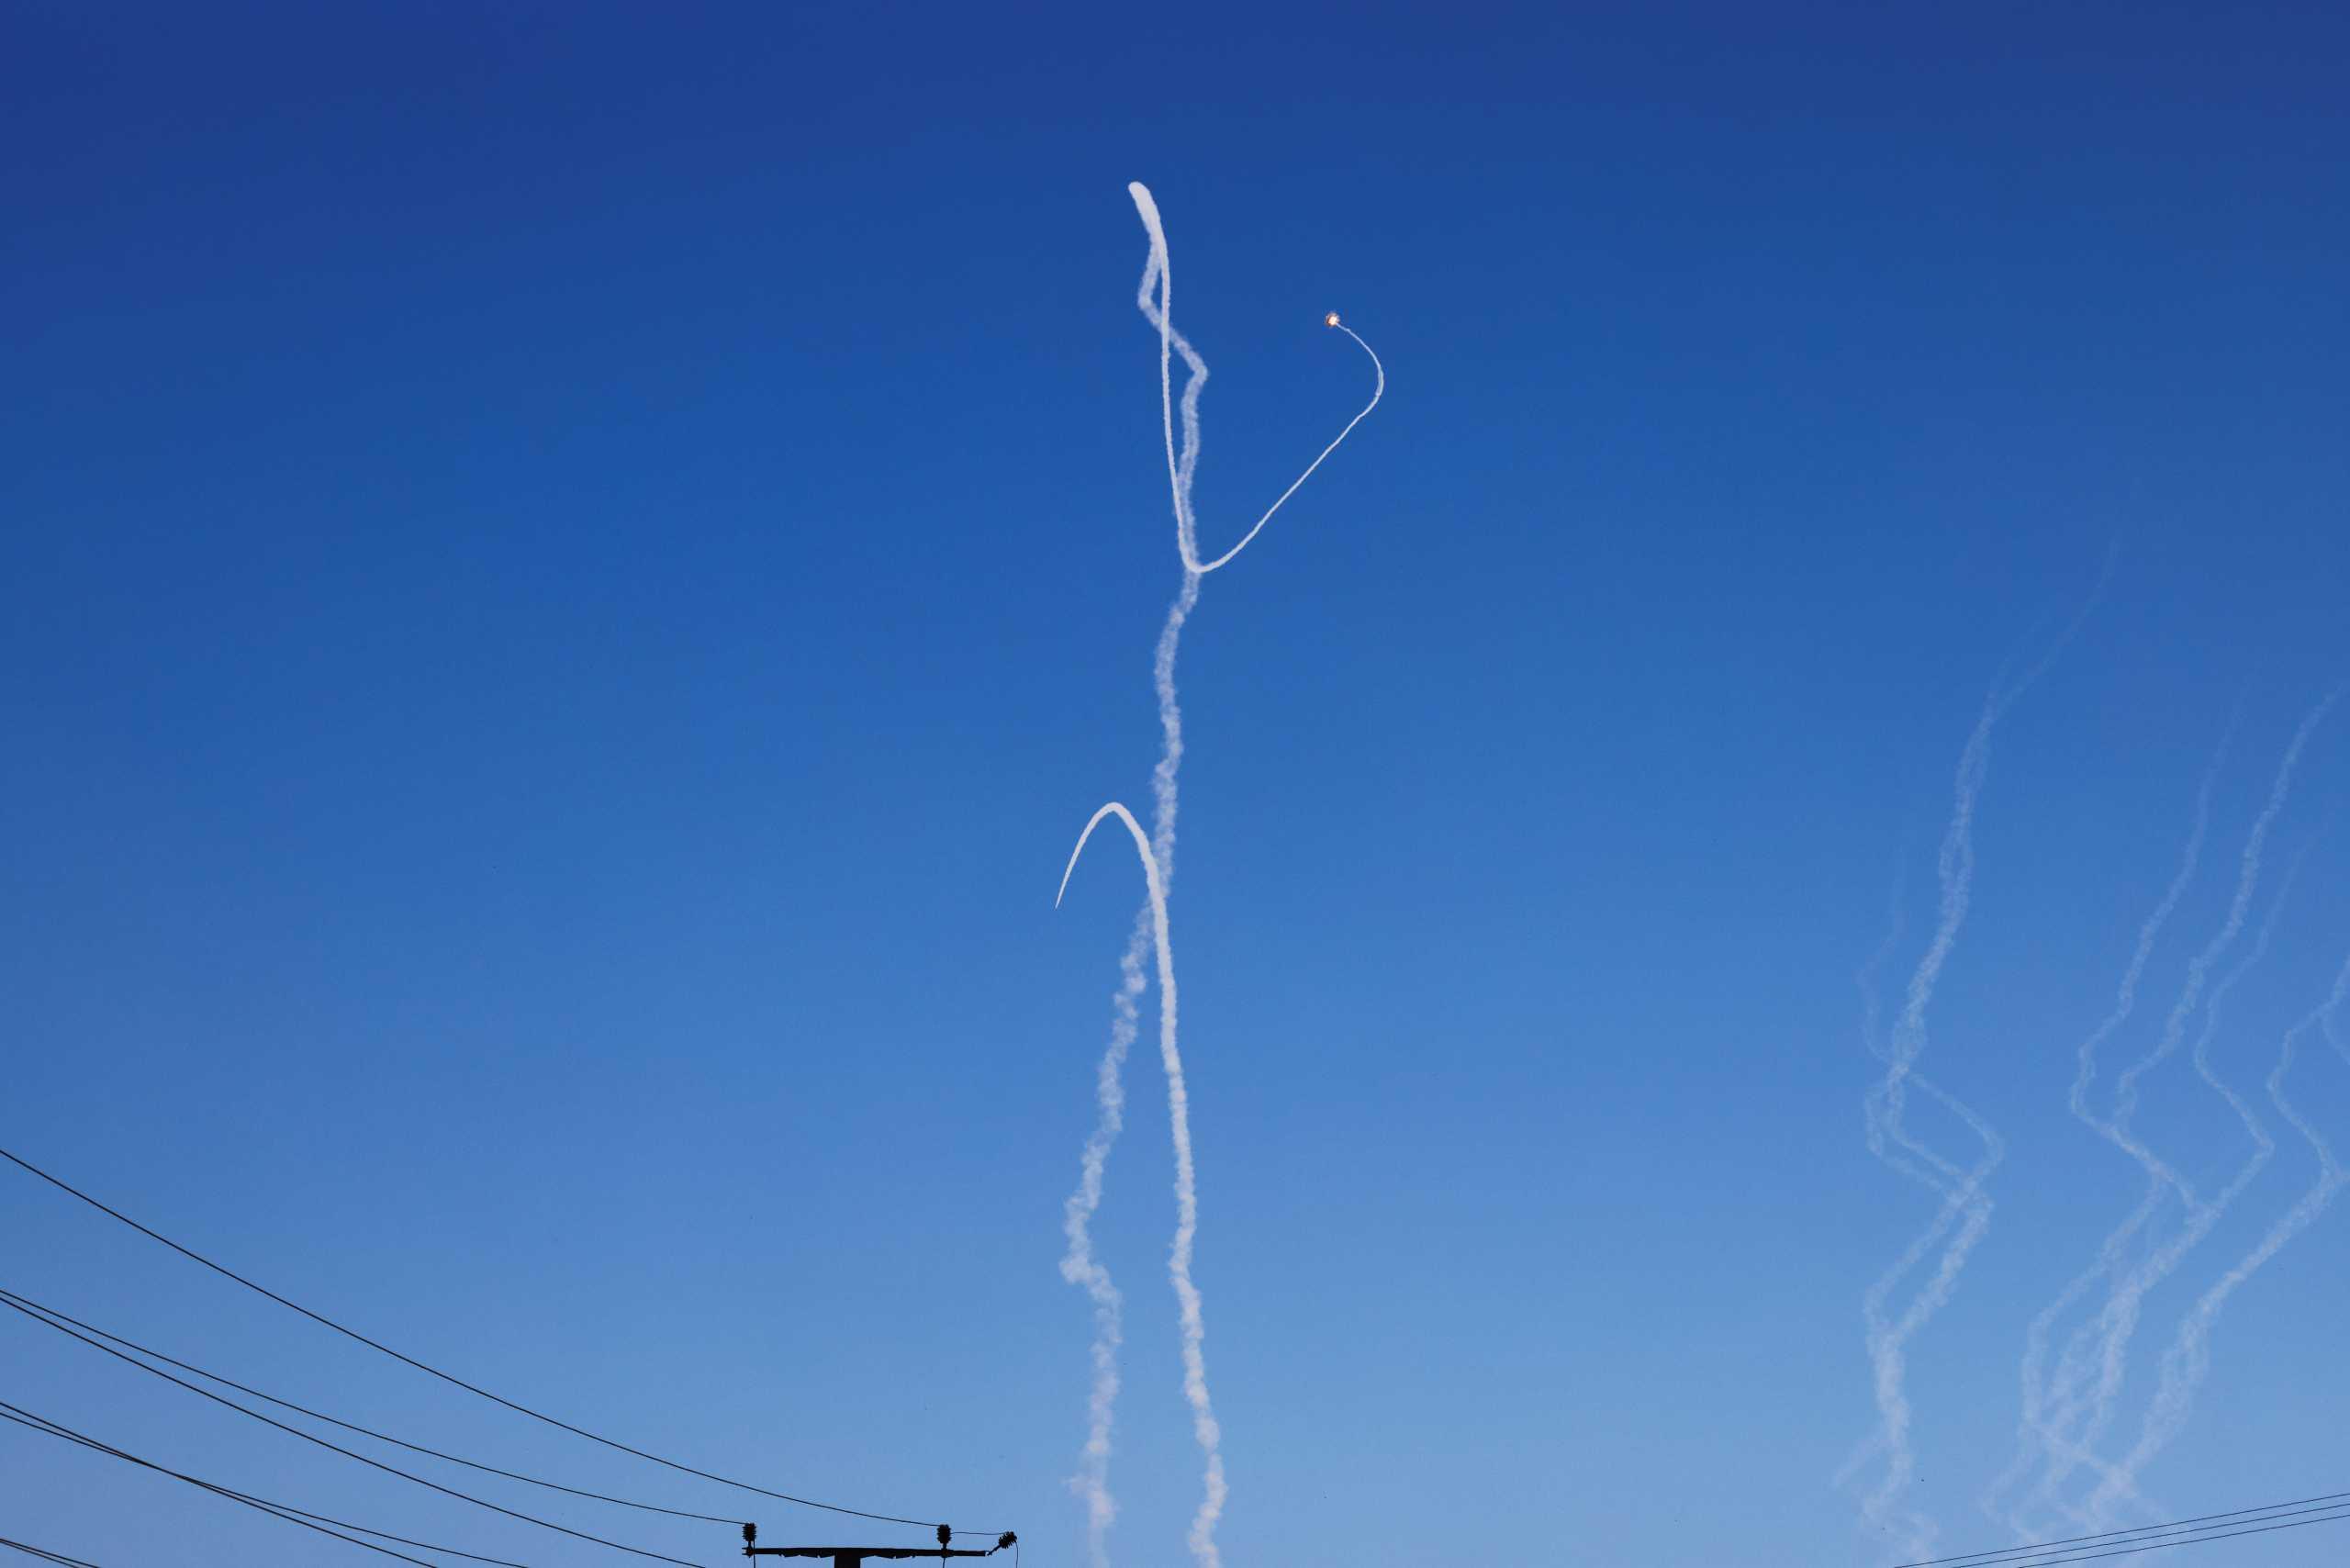 Δύο νεκροί στο Ισραήλ από ρουκέτες από τη Γάζα